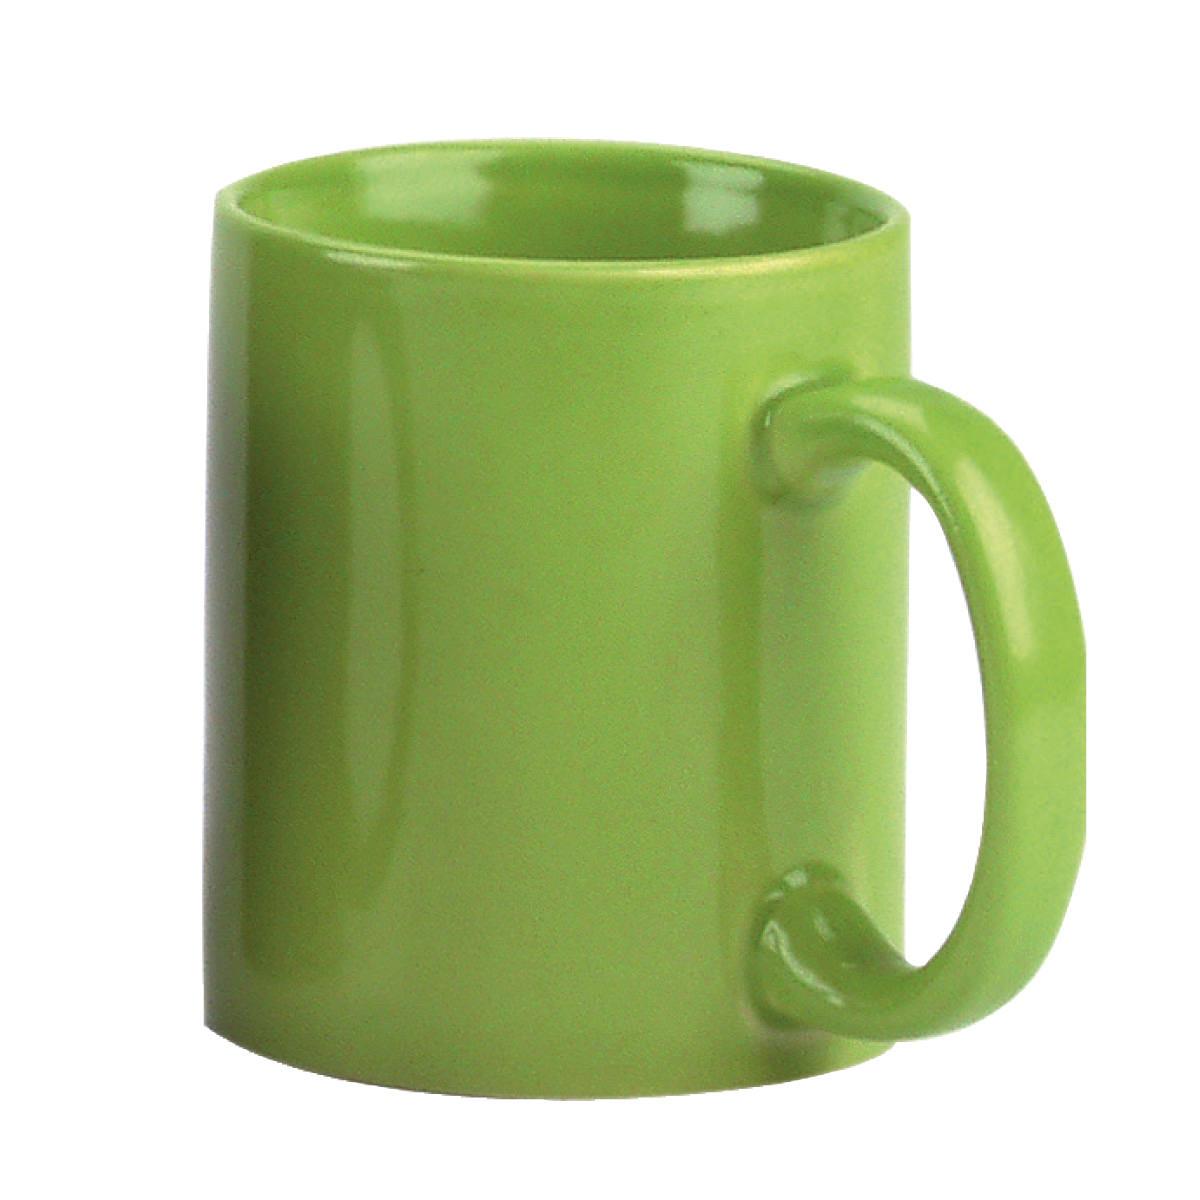 ספל שתיה צבעוני מפורצלן - מאג